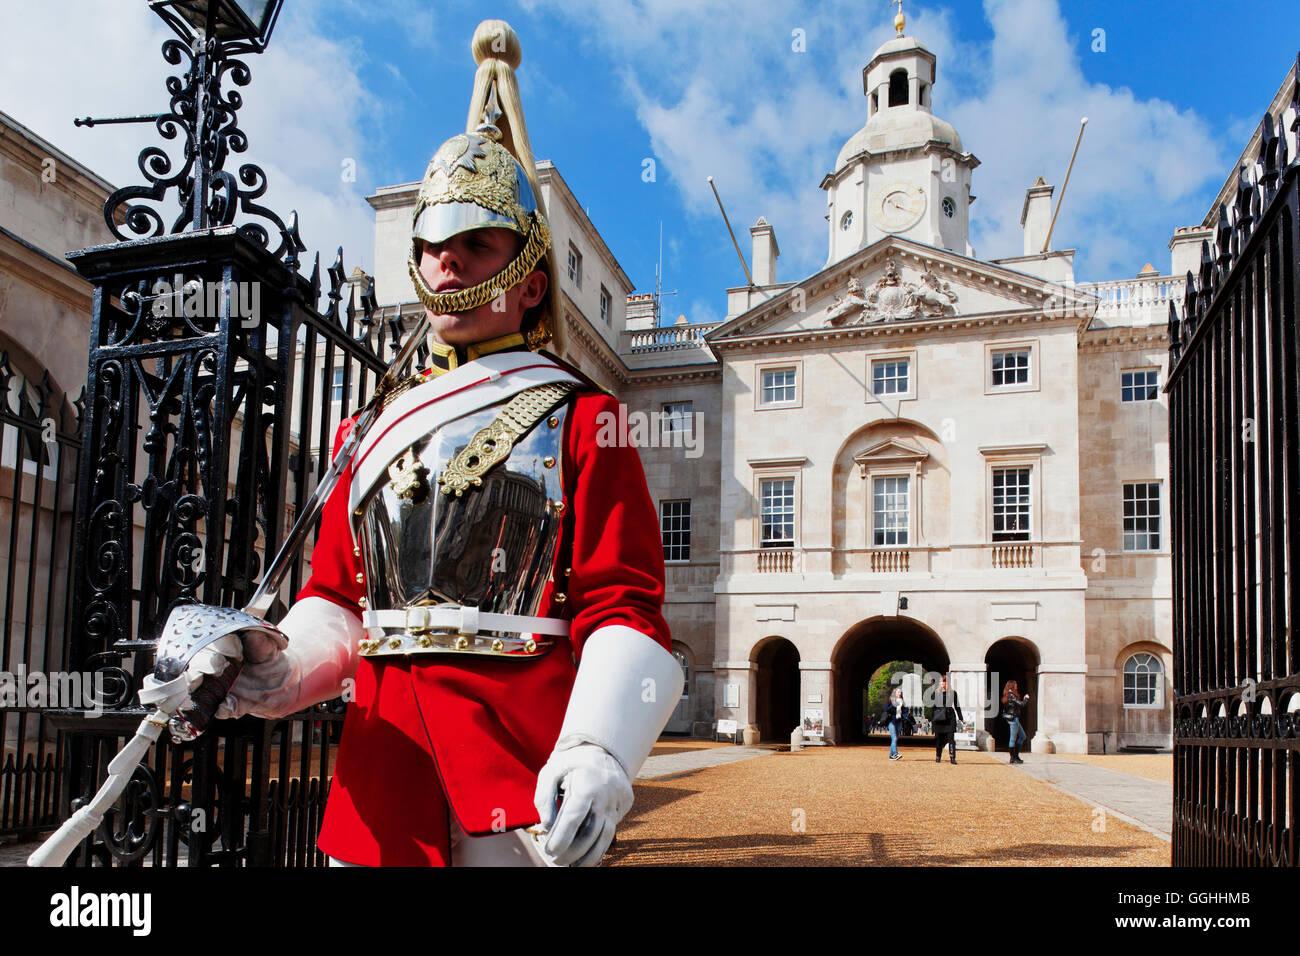 Guardia a la sfilata delle Guardie a Cavallo, Whitehall, Westminster, London, England, Regno Unito Immagini Stock